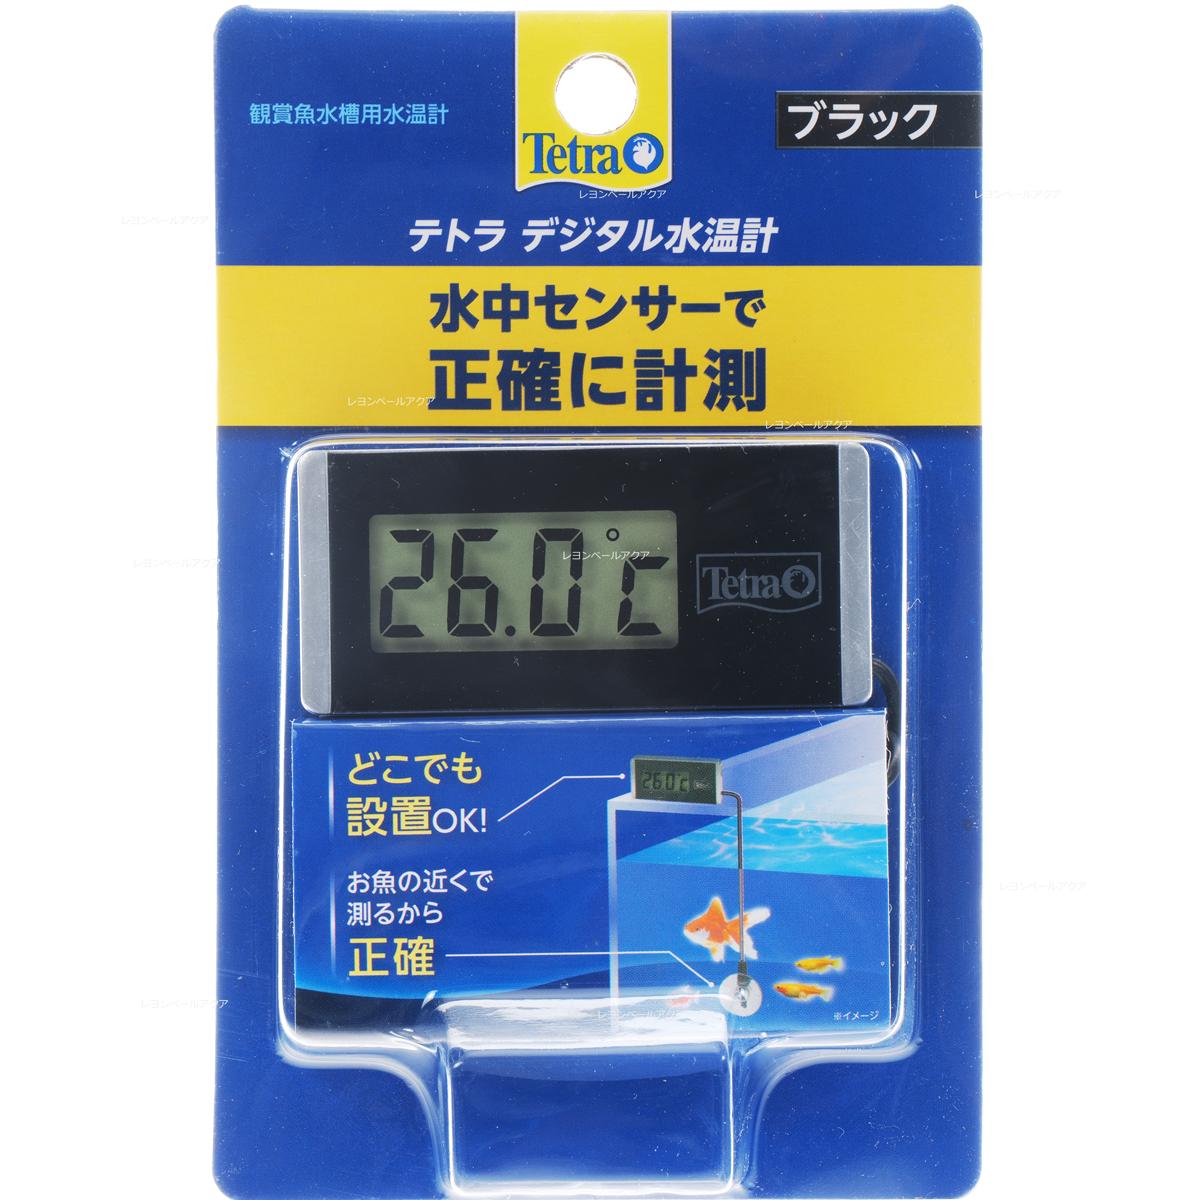 全国送料無料 在庫有り 即OK テトラ 人気ショップが最安値挑戦 ブラック 卓出 デジタル水温計 BD1